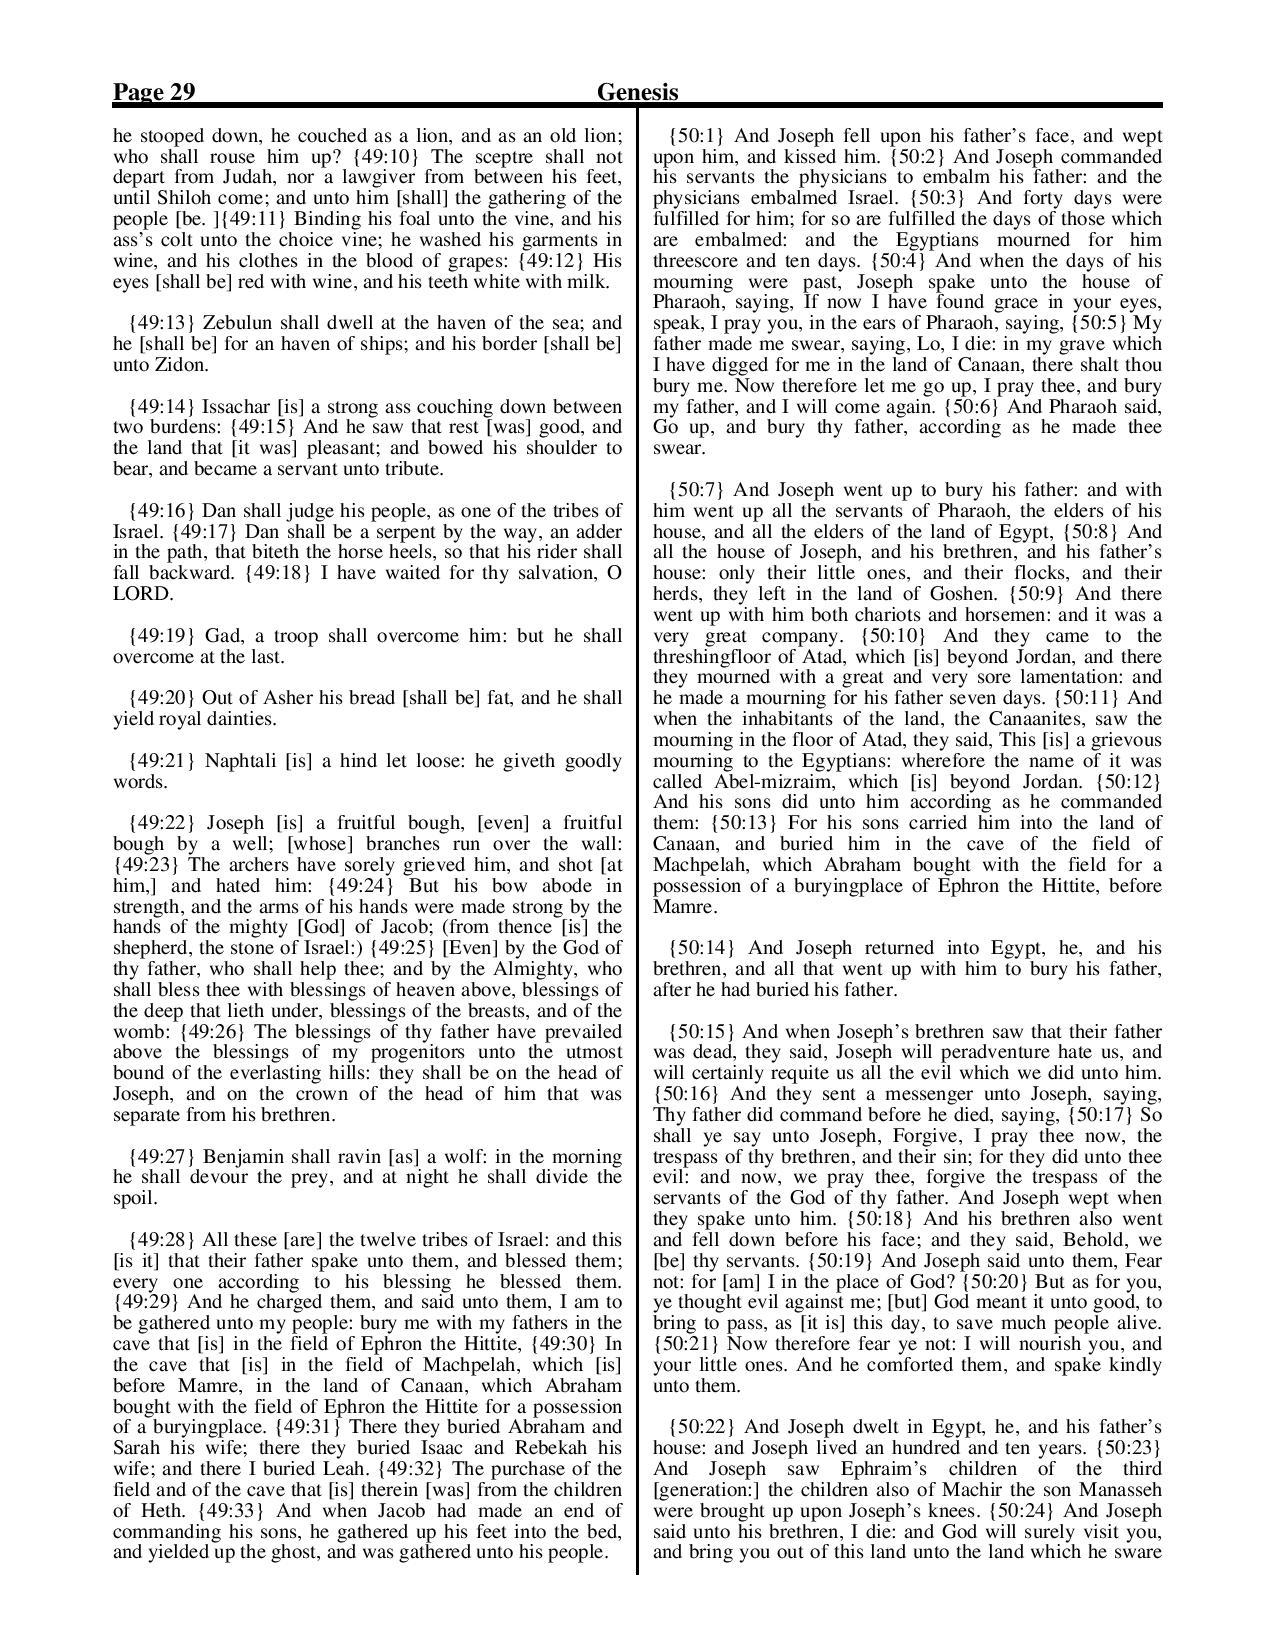 King-James-Bible-KJV-Bible-PDF-page-050